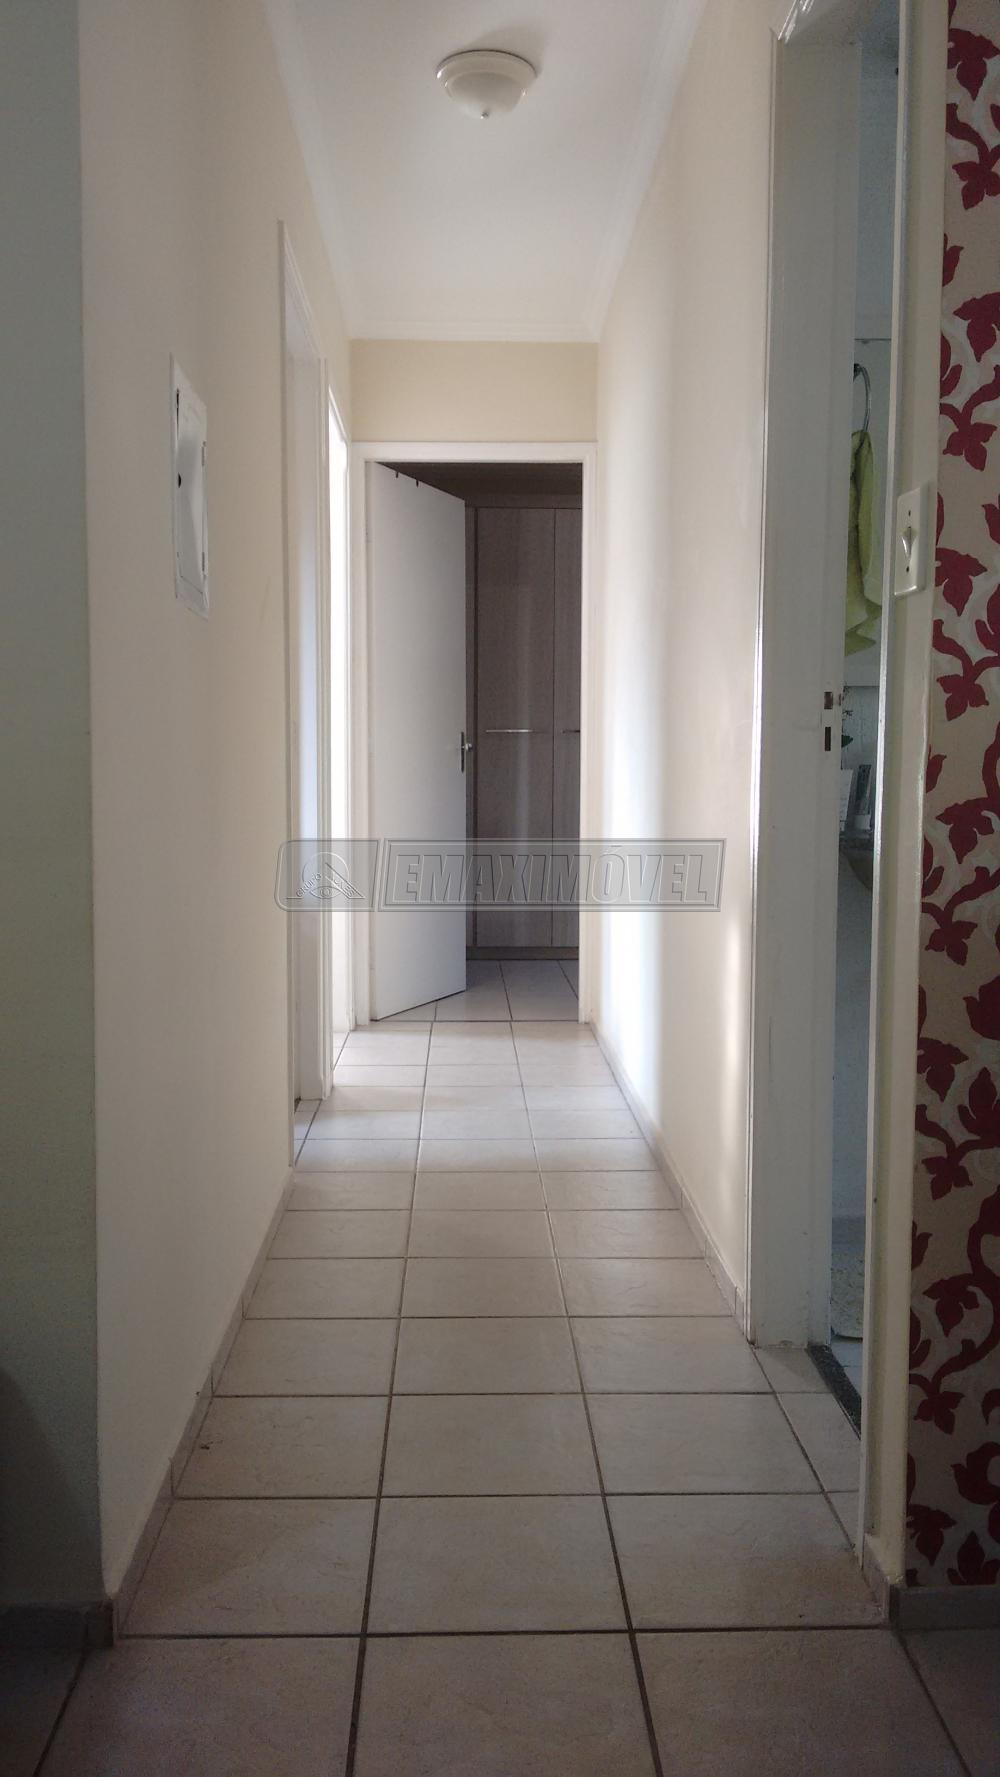 Comprar Casas / em Condomínios em Sorocaba apenas R$ 300.000,00 - Foto 7